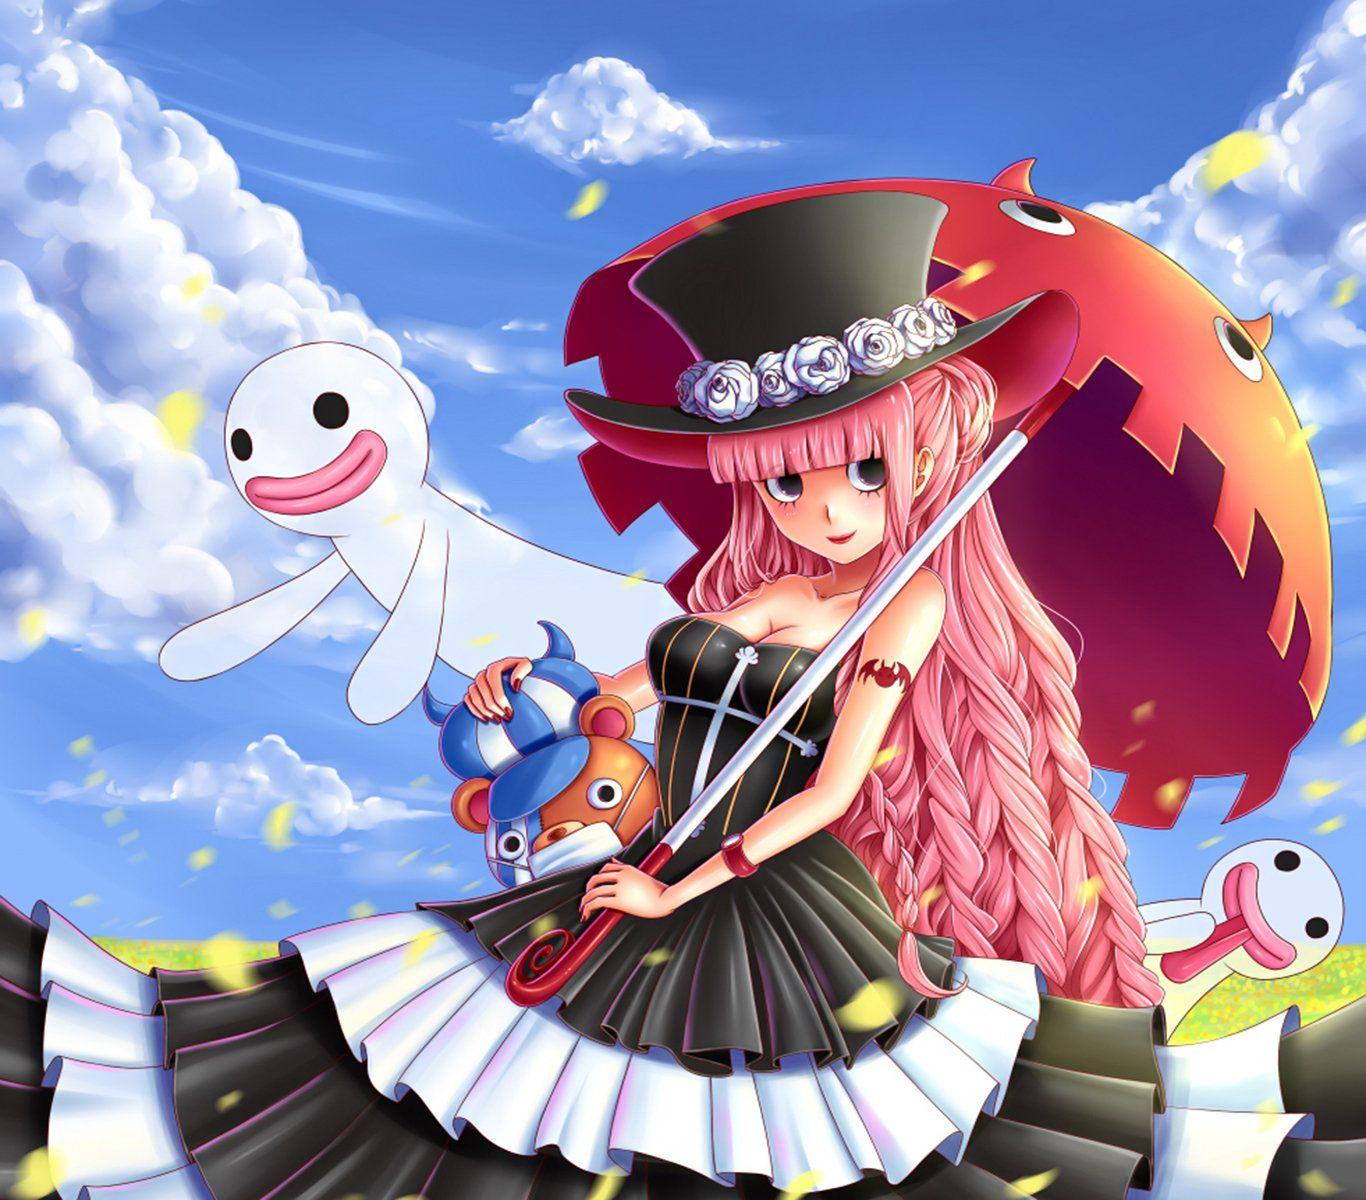 Anime One Piece Perona (One Piece) Fondo De Pantalla